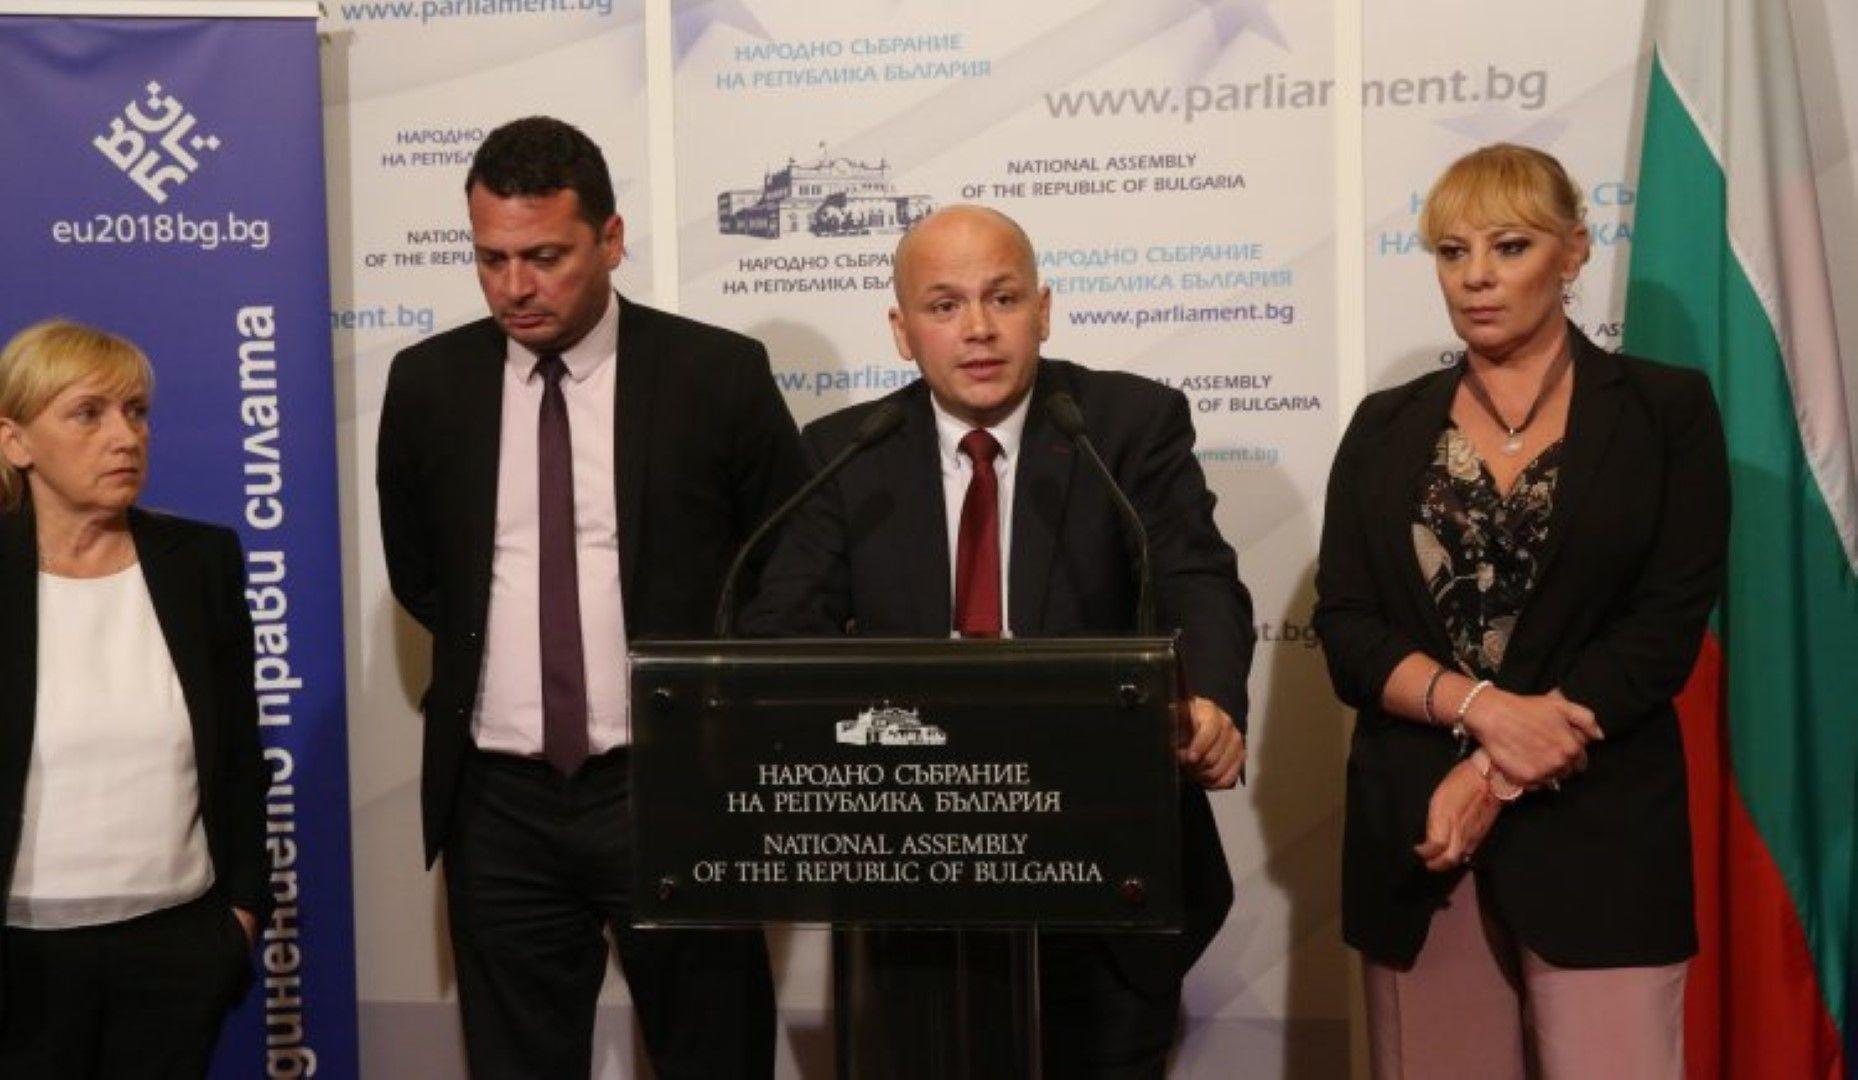 """Александър Симов (в средата) беше журналист във в. """"Дума"""" преди да стане депутат. Актрисата Нона Йотова присъства на брифинга, но не се изказа"""